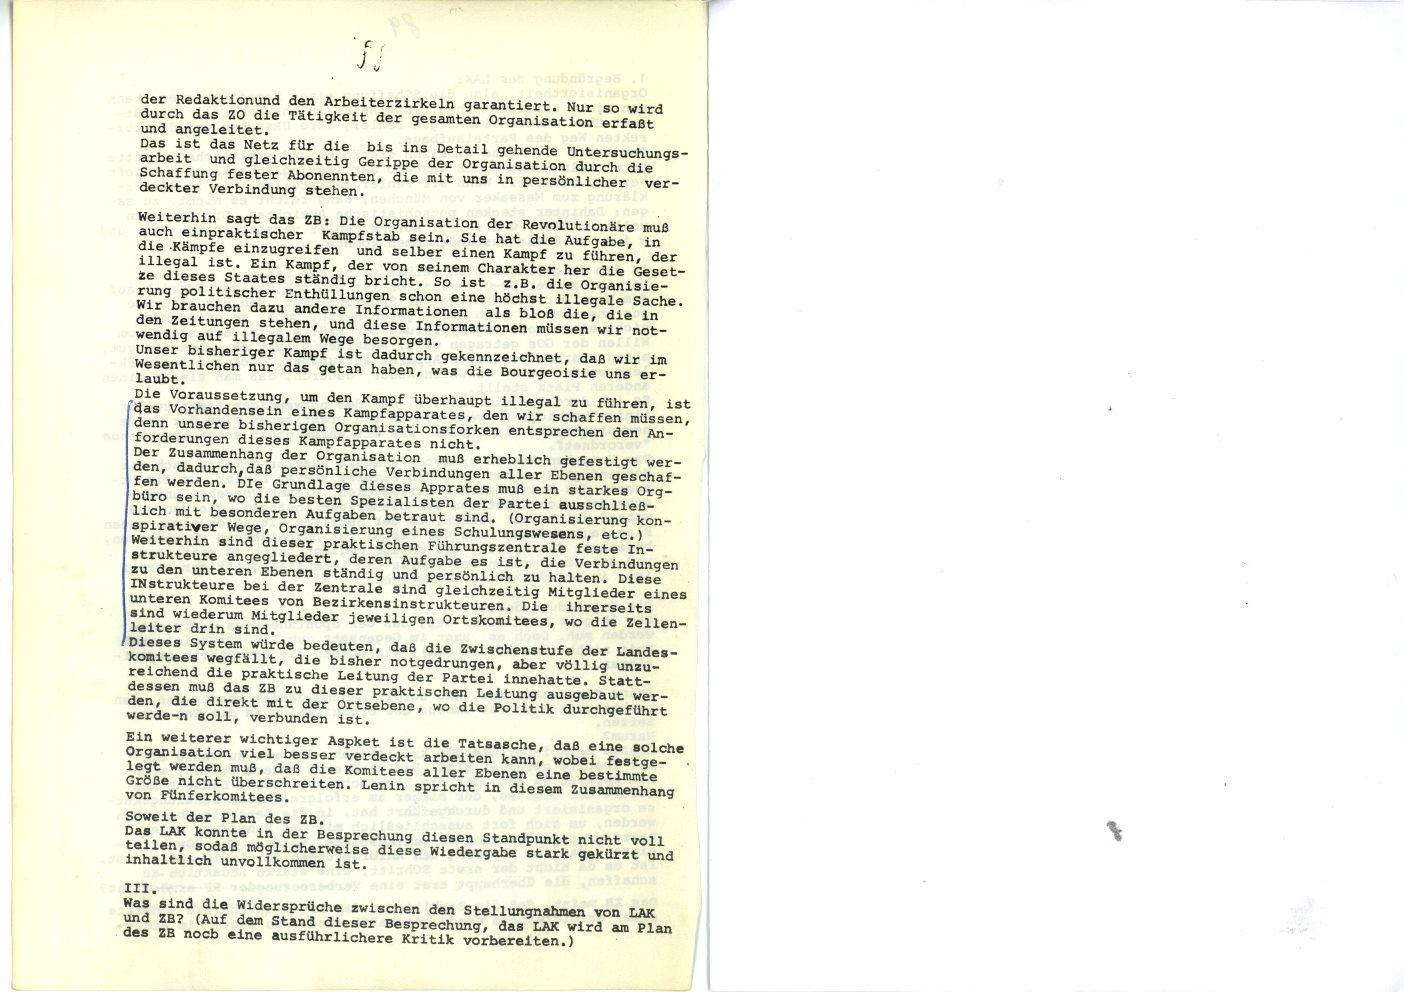 ZB_1972_Diskussionsorgan_zur_ersten_Parteikonferenz_48